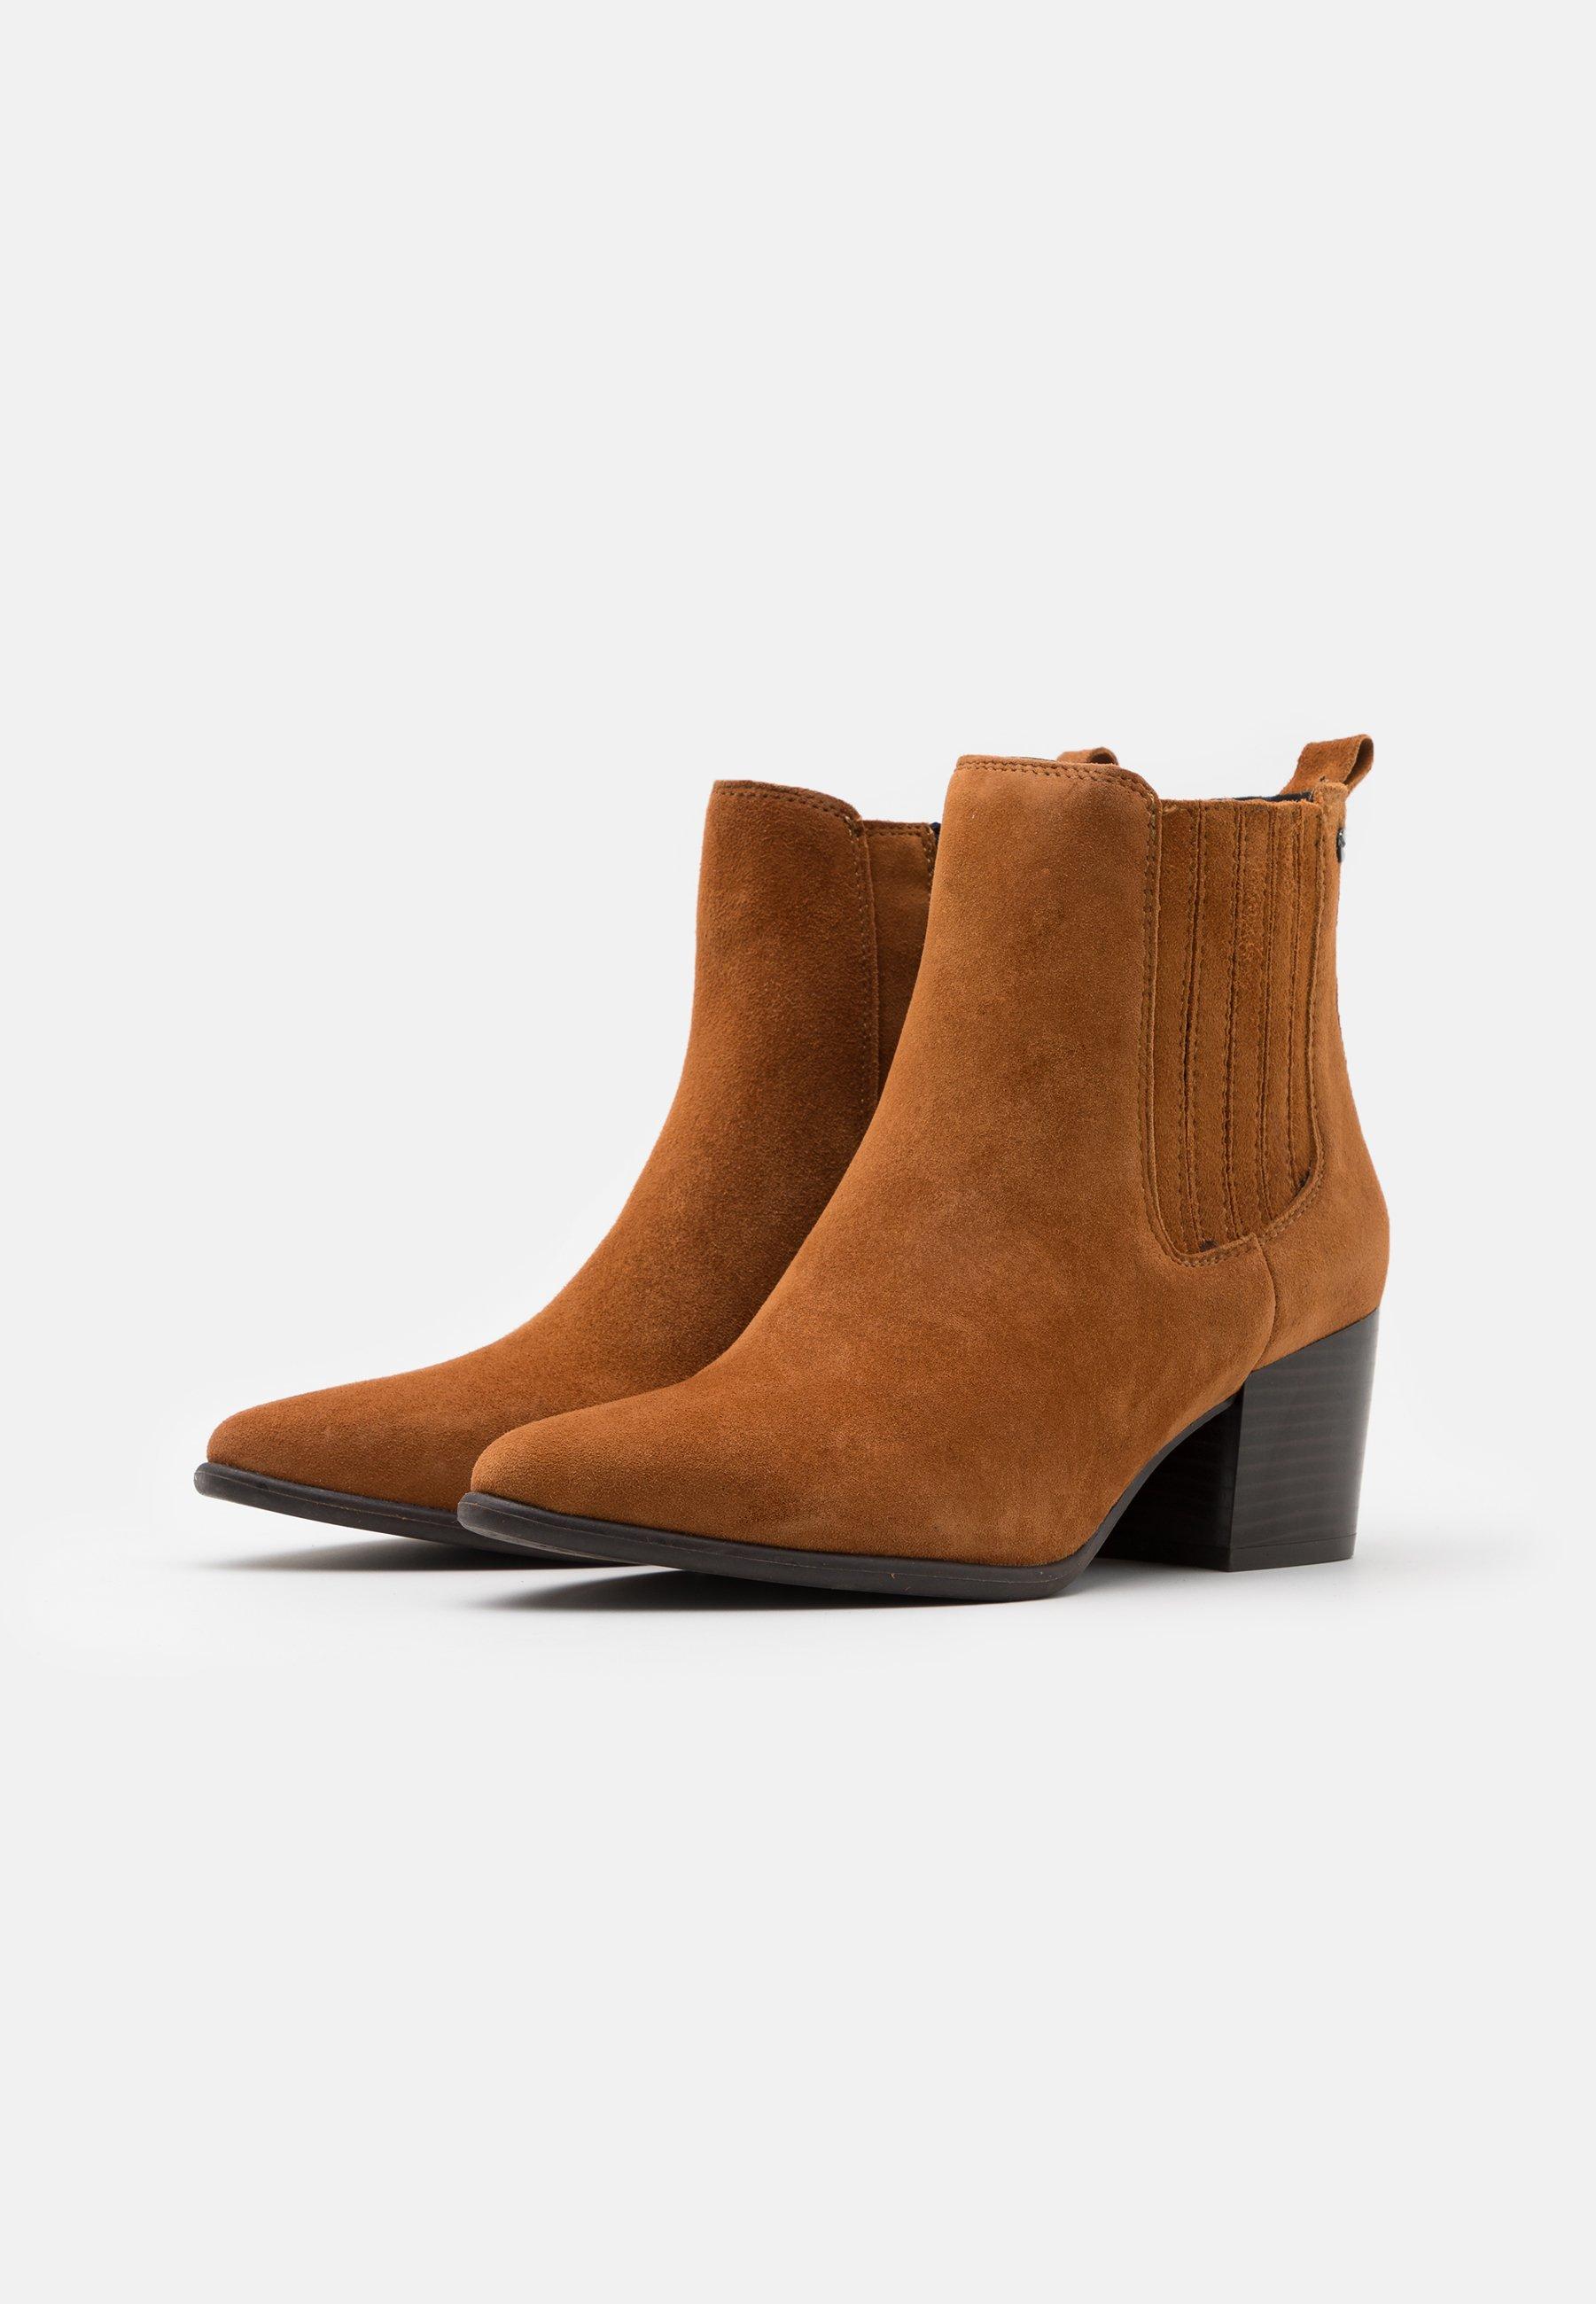 Esprit CAPLE - Boots à talons - toffee - Bottines Femme Limité